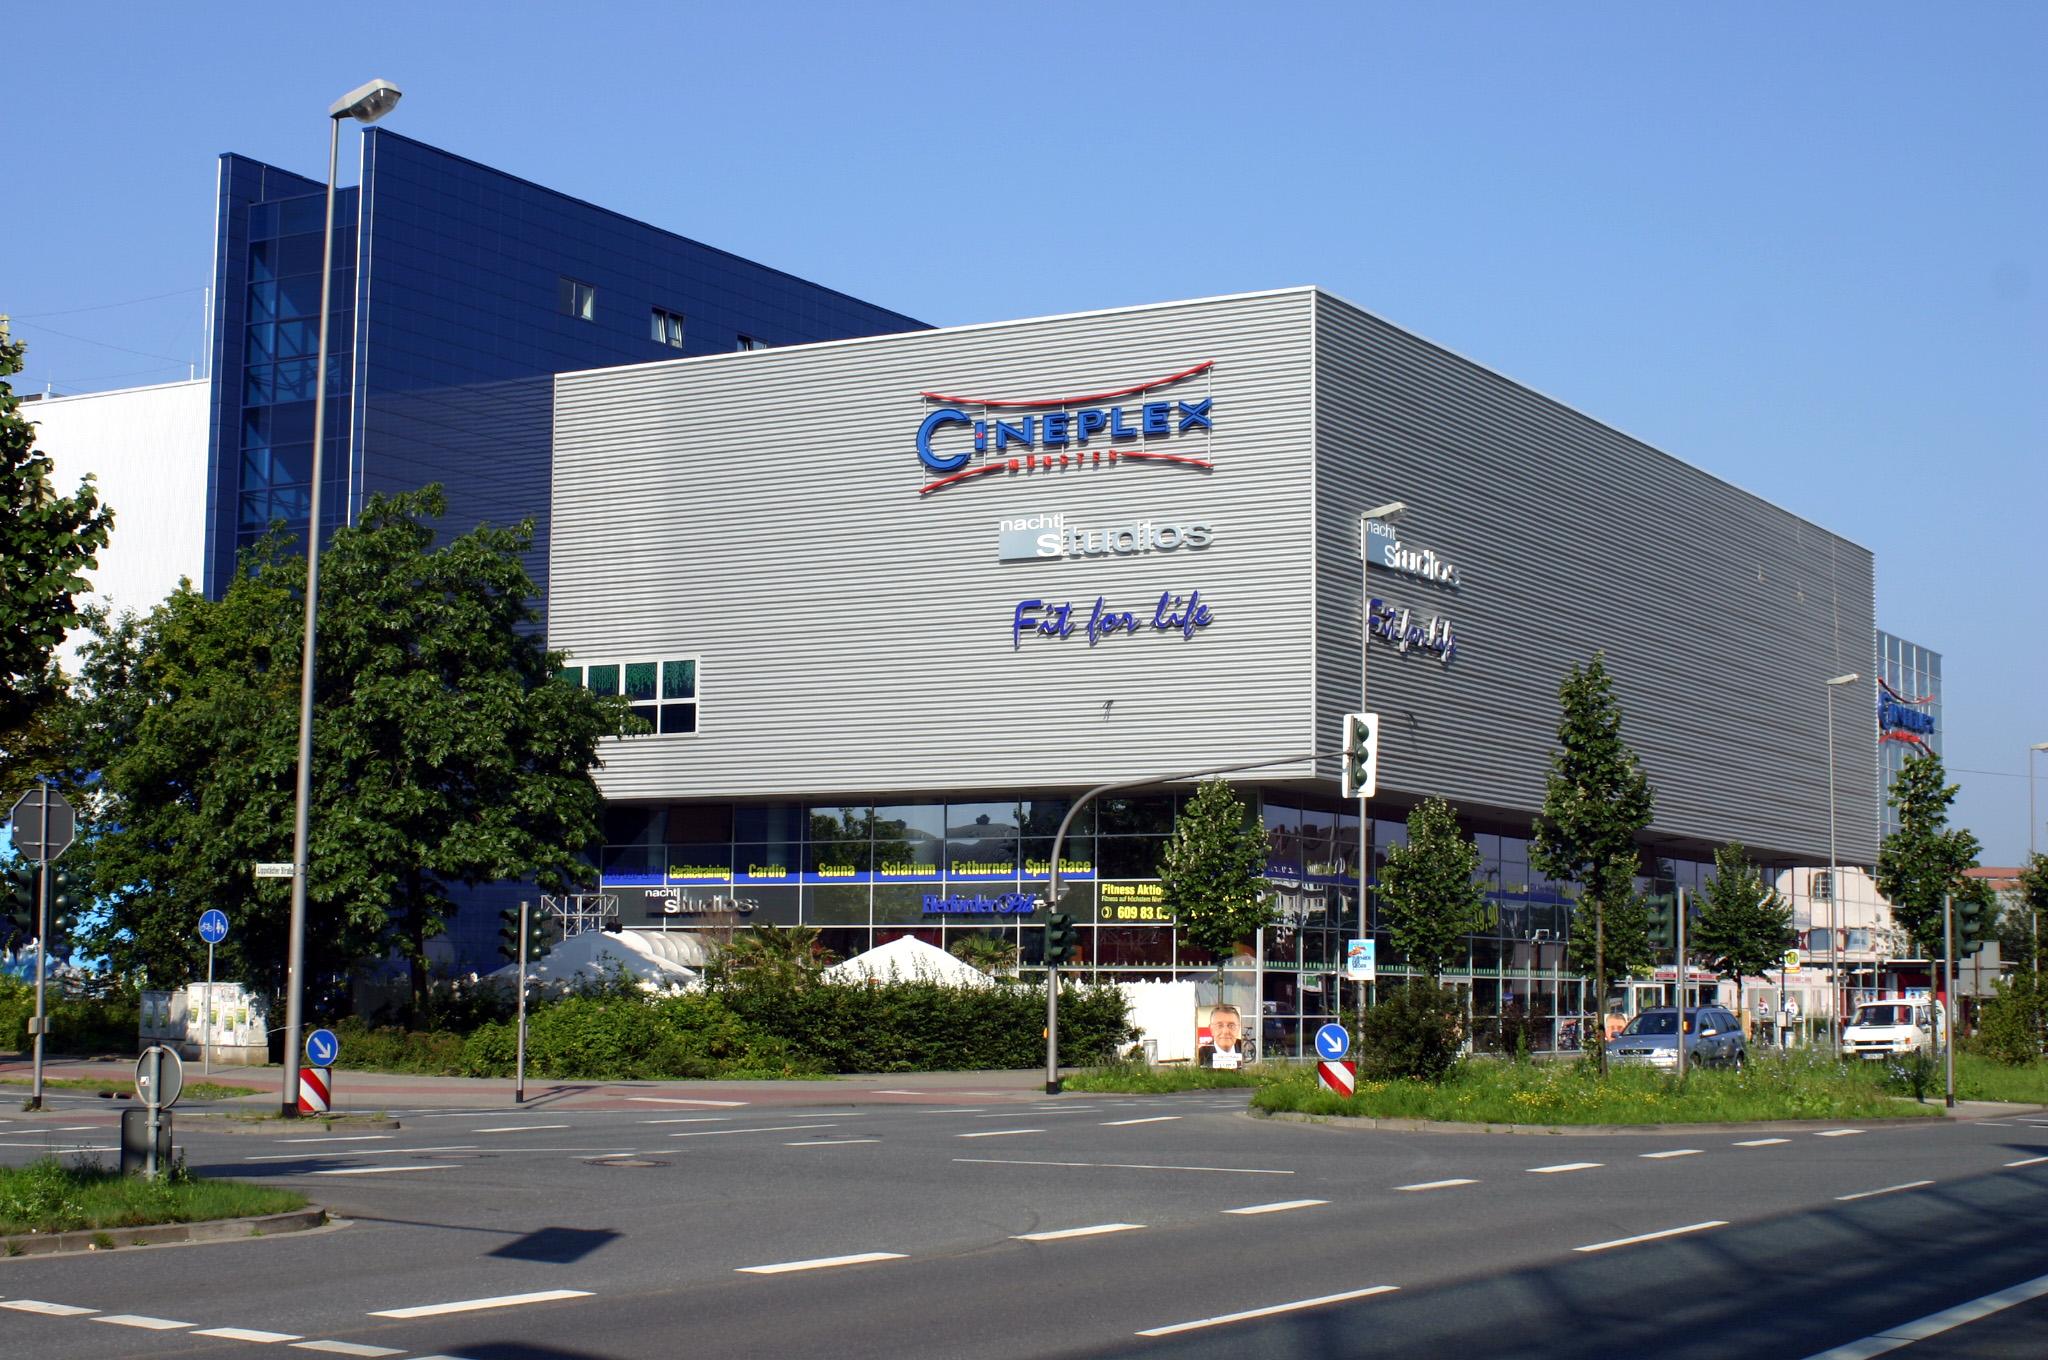 Cineplex Münster Münster